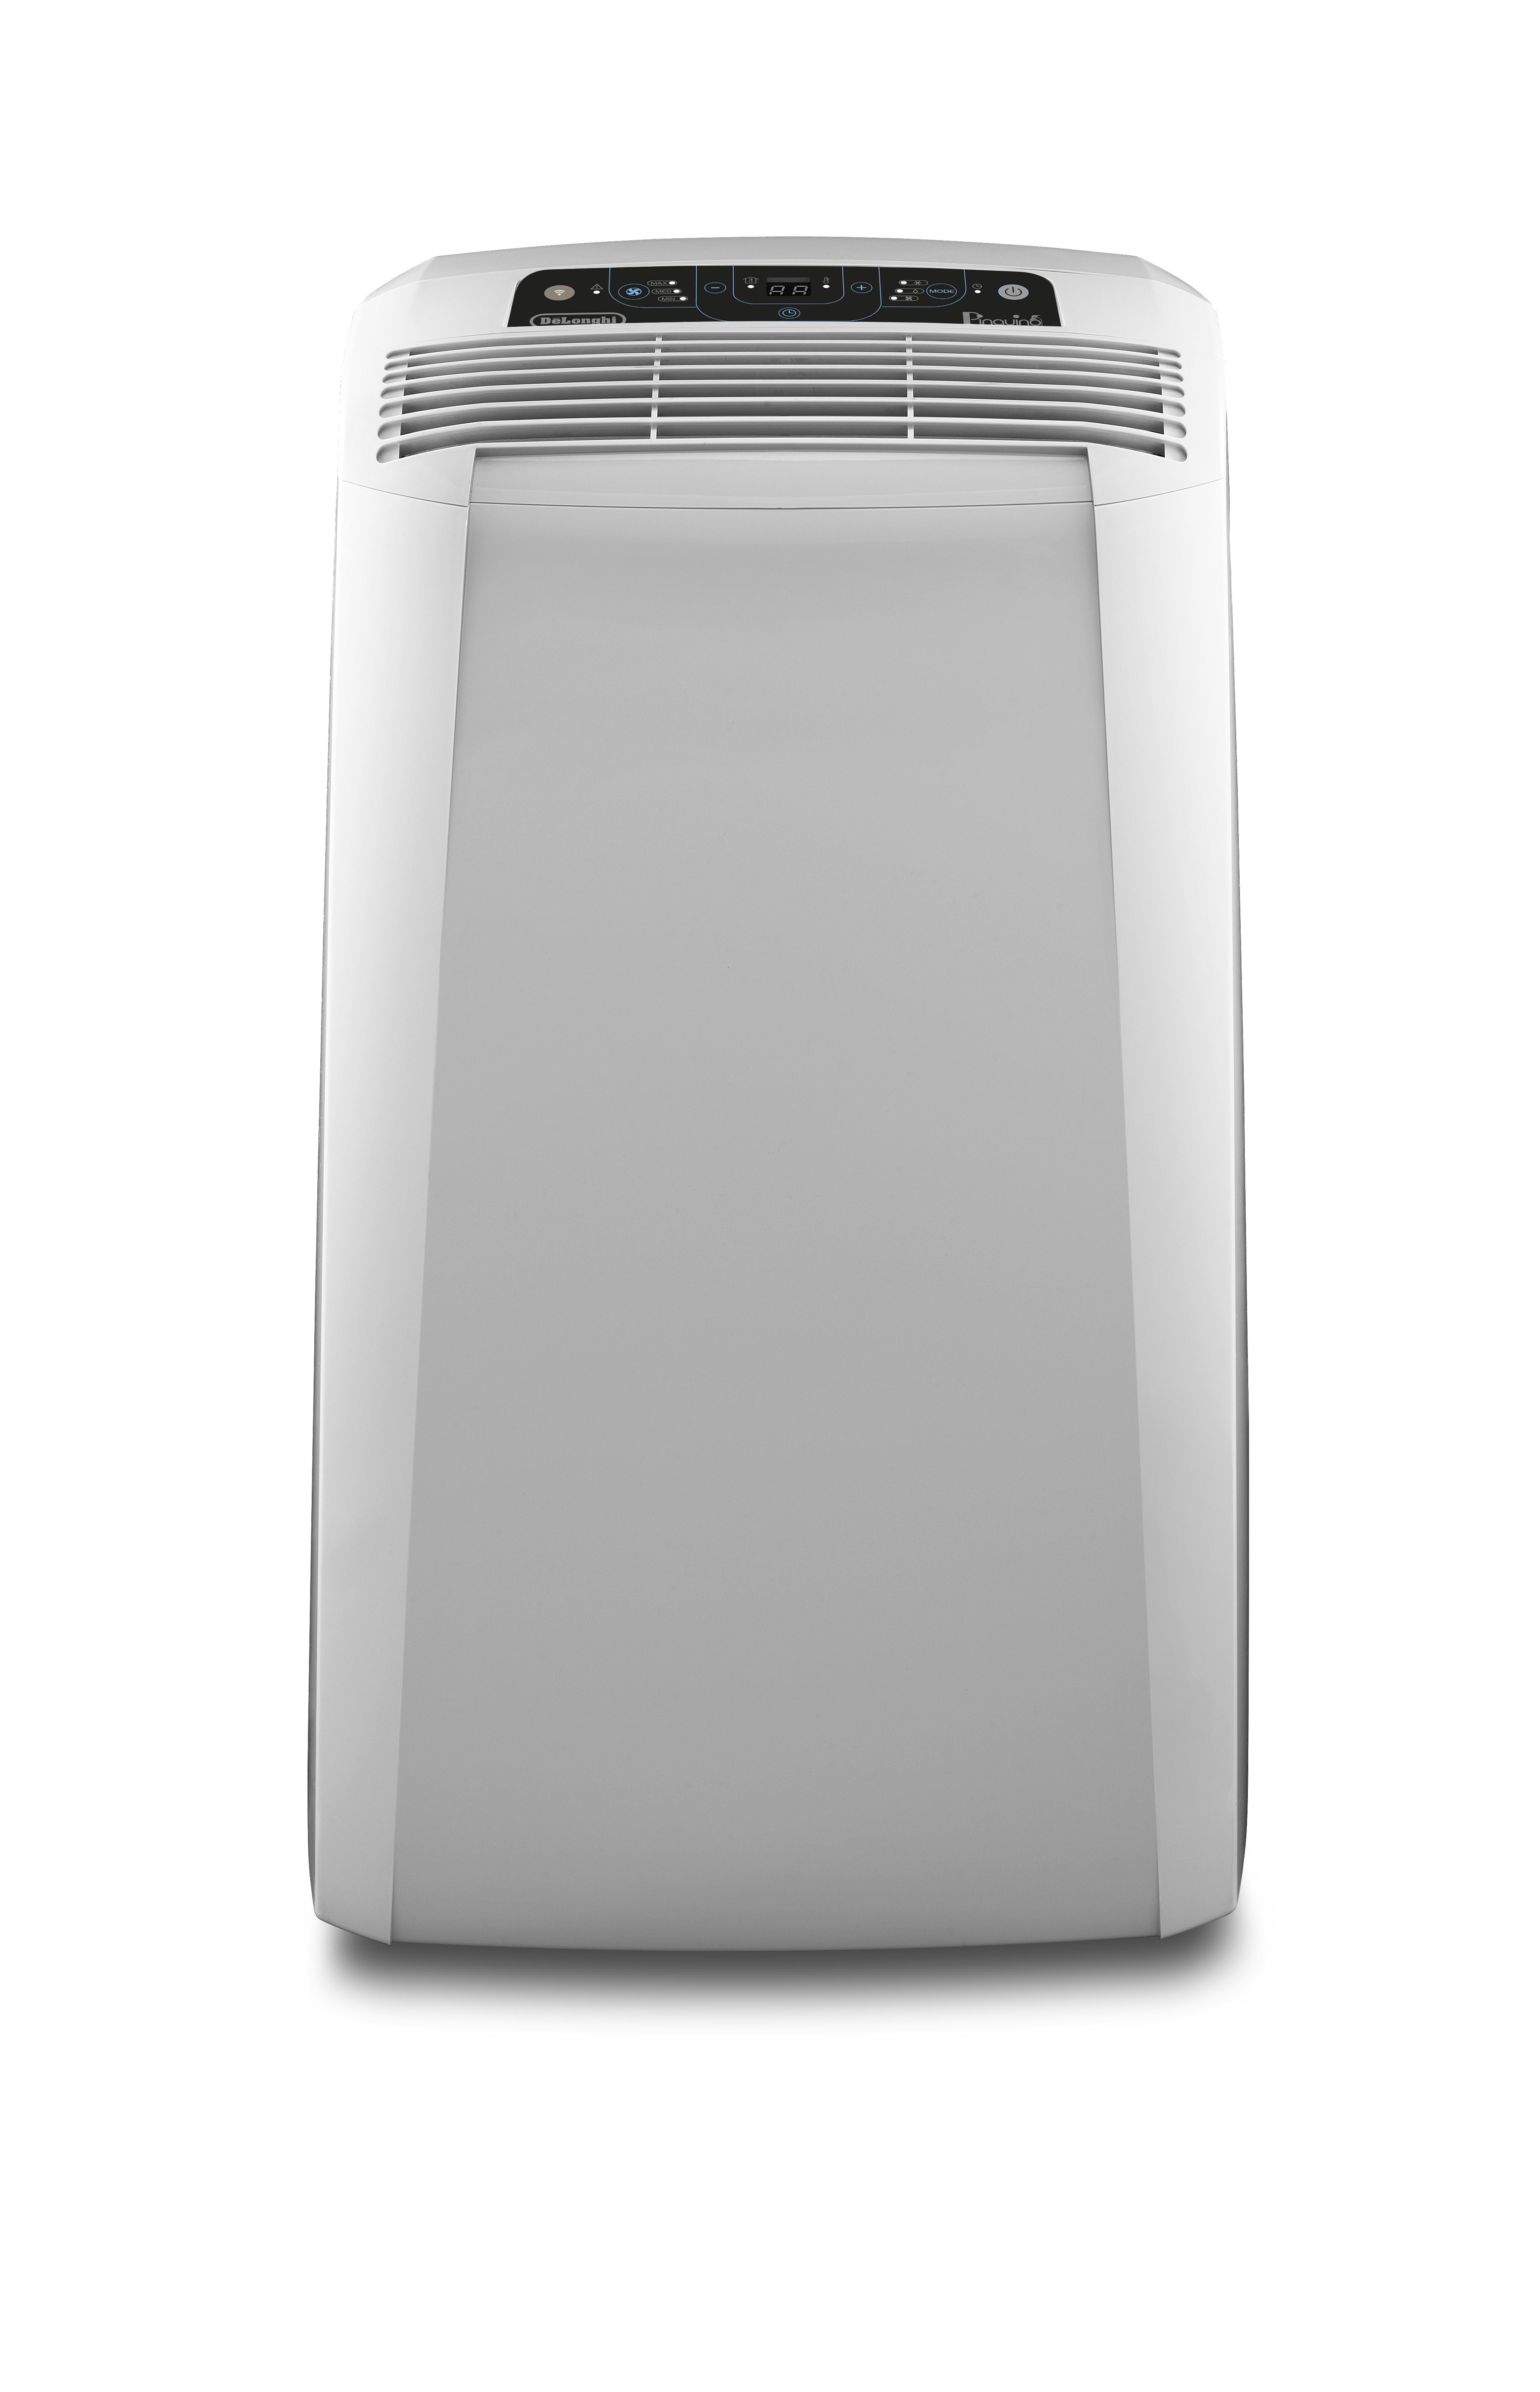 Delonghi pac cn94 confronta i prezzi e offerte online for Condizionatore portatile prezzi